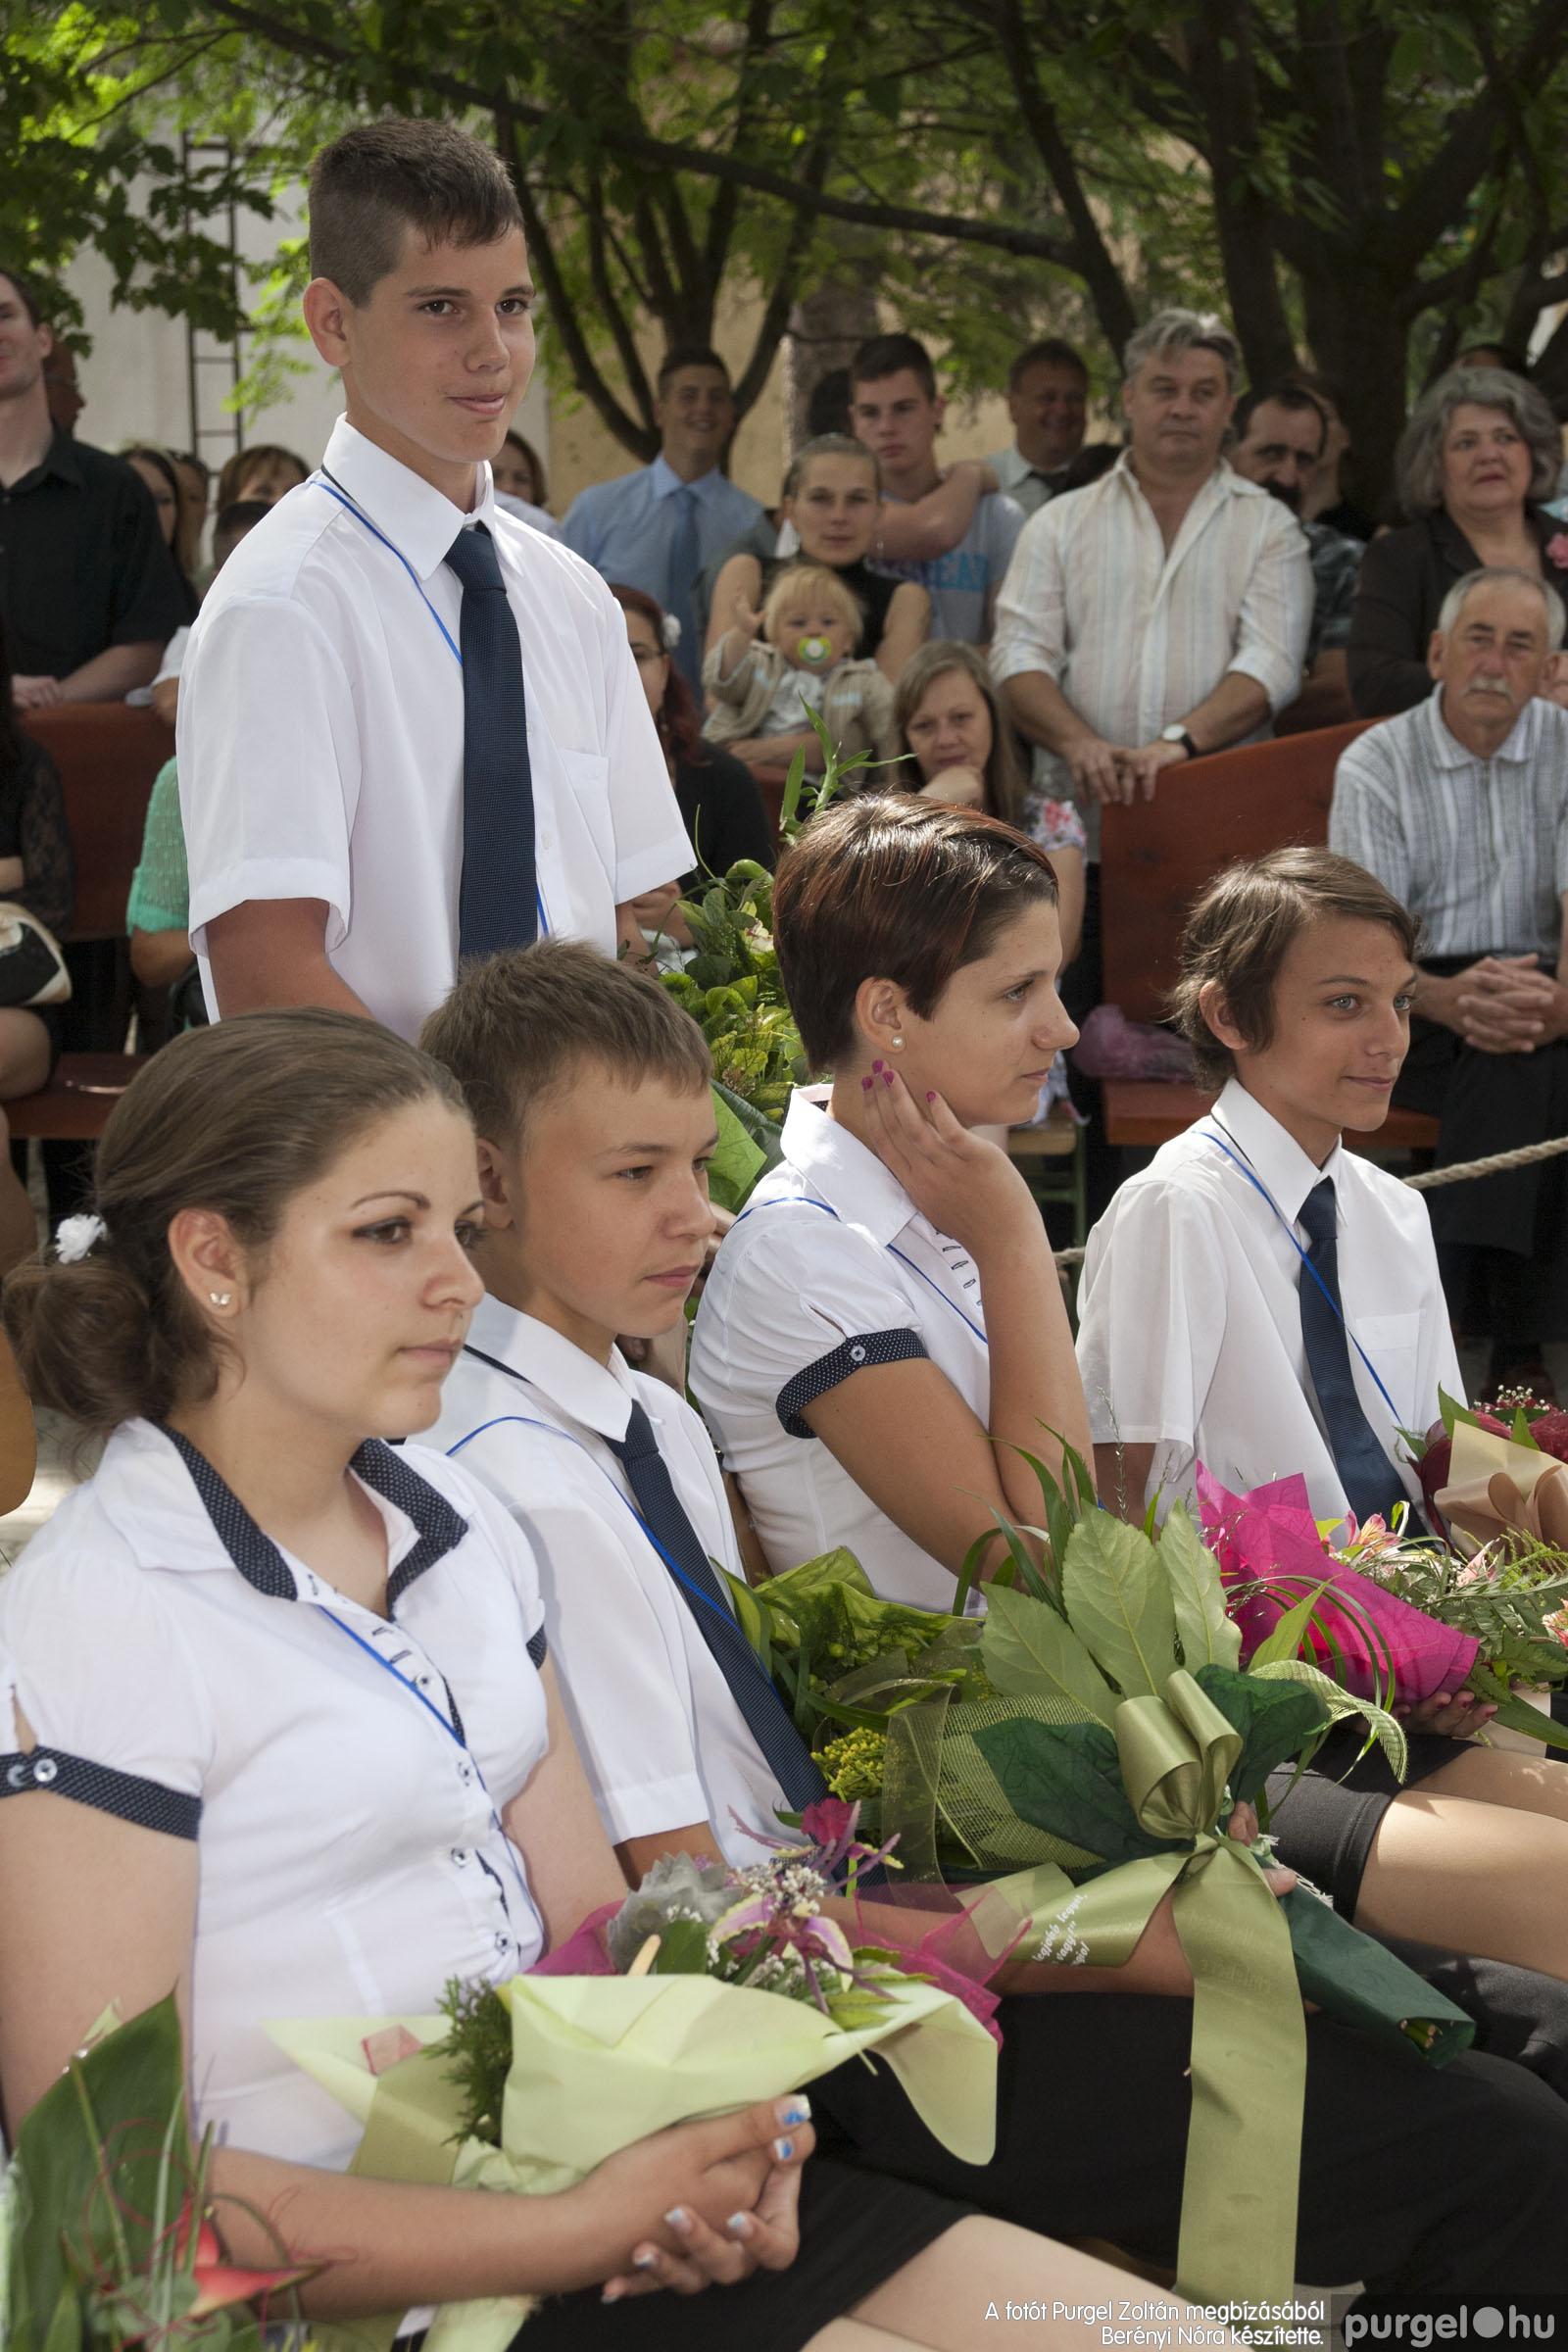 2014.06.14. 222 Forray Máté Általános Iskola ballagás 2014. - Fotó:BERÉNYI NÓRA© _MG_5872.jpg